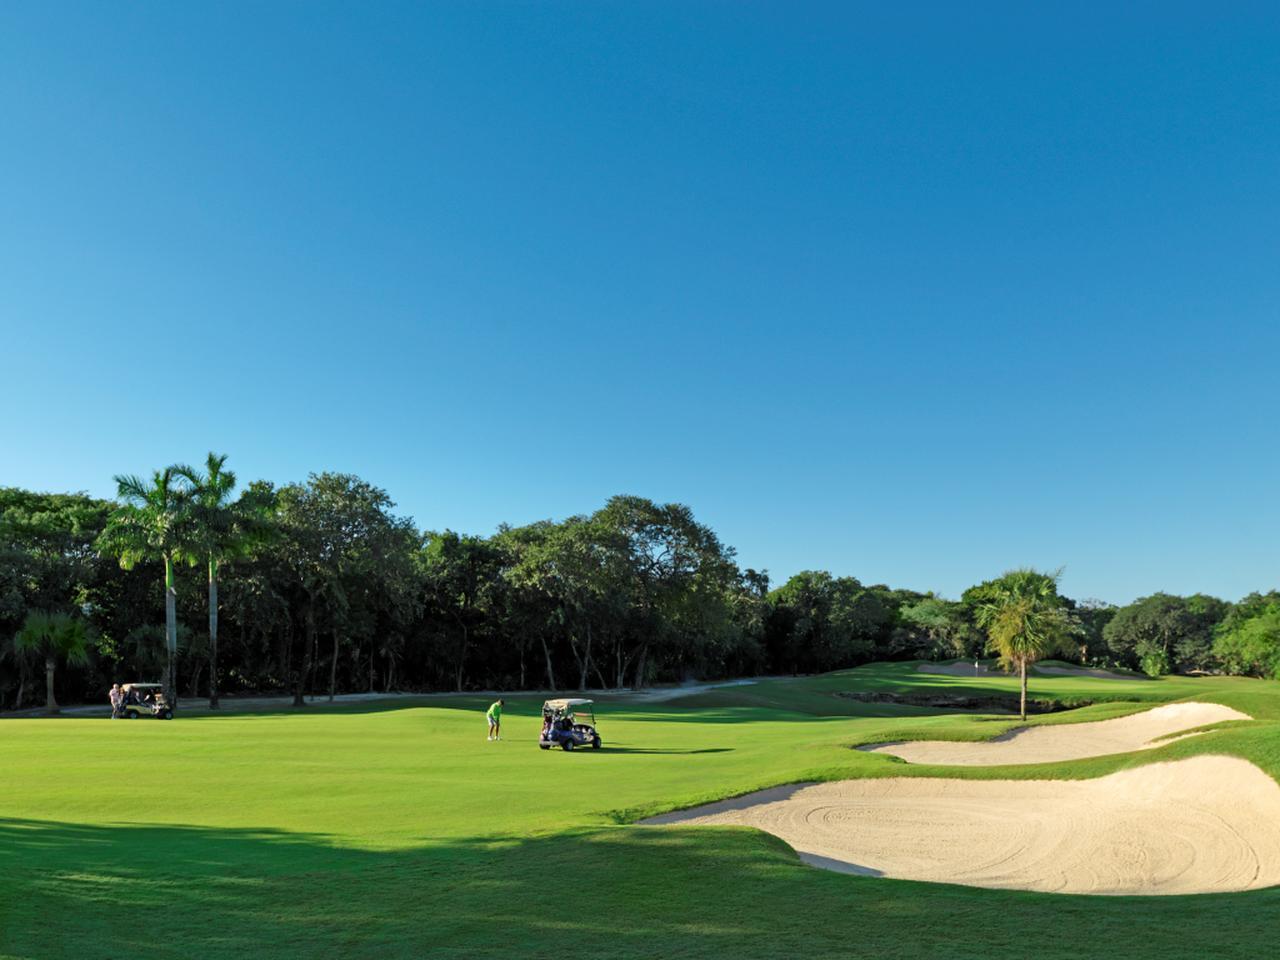 画像2: 「ハードロックゴルフクラブ リビエラマヤ」